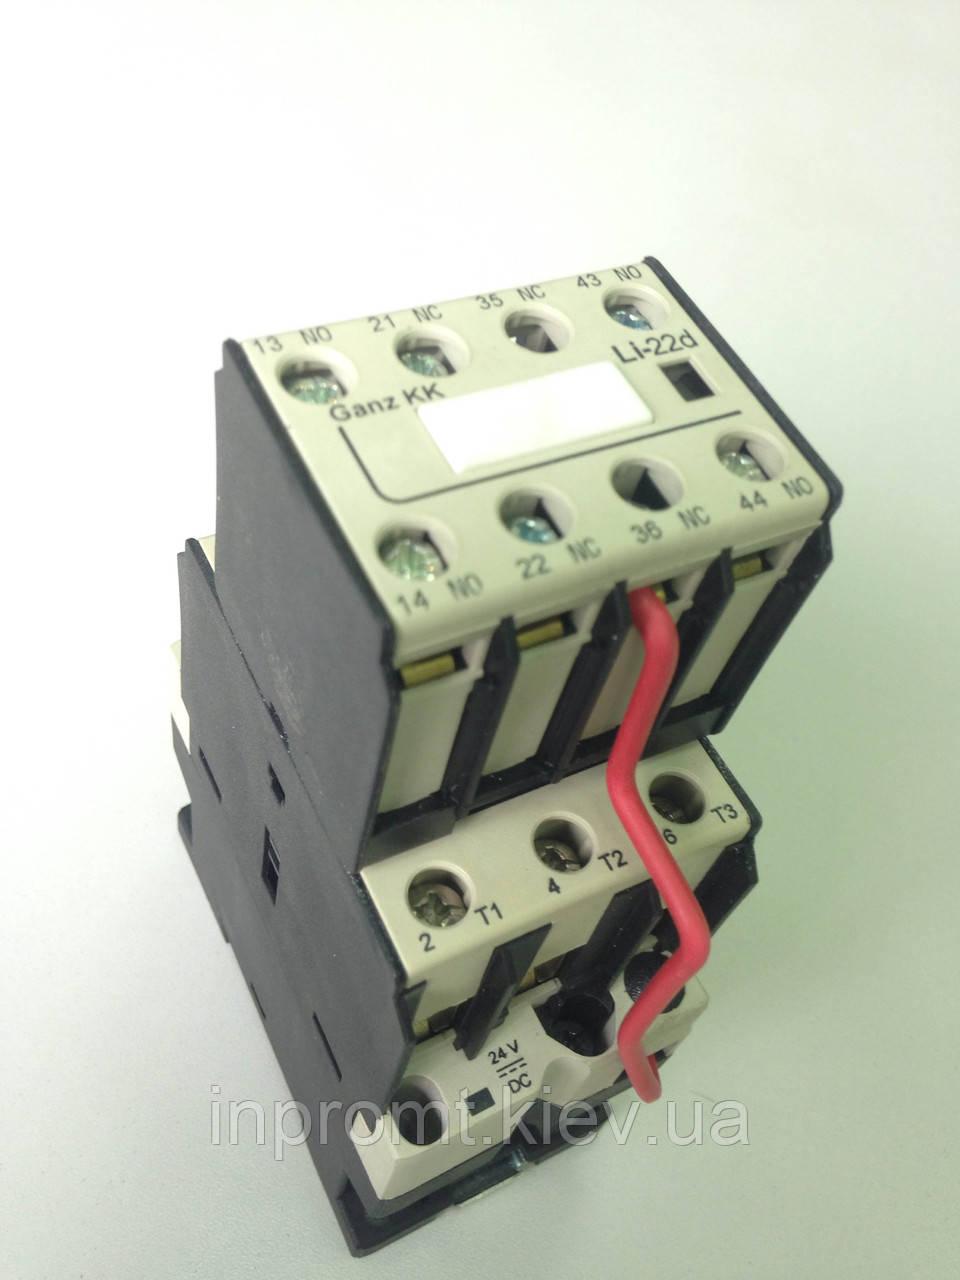 Контактор (магнитный пускатель) DIL-K/G/18-21